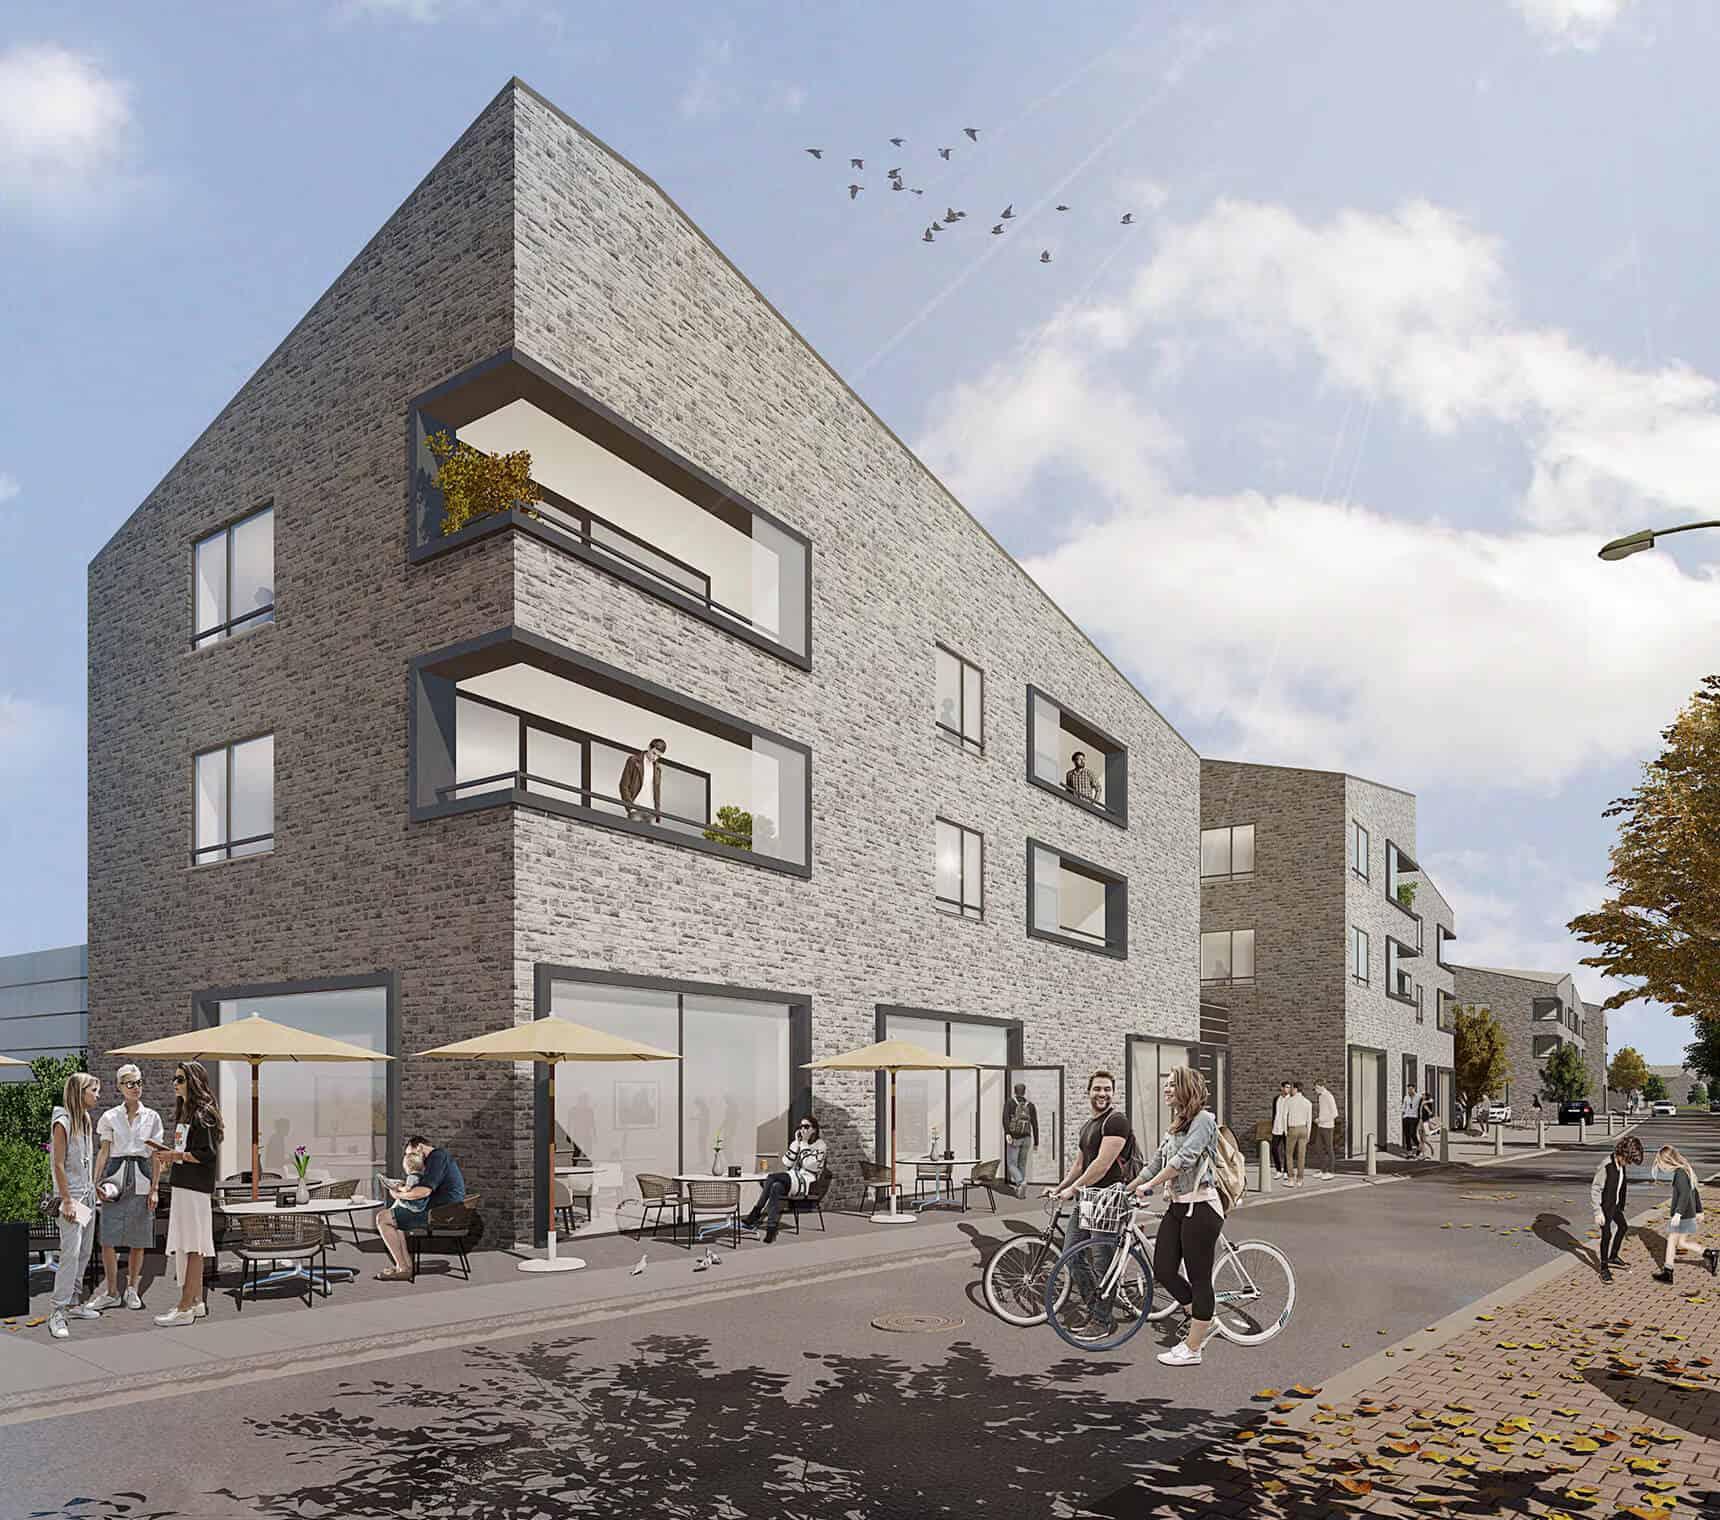 Wohn- und Einkaufsquartier in Rheda-Wiedenbrück Projektentwickler Deutschland